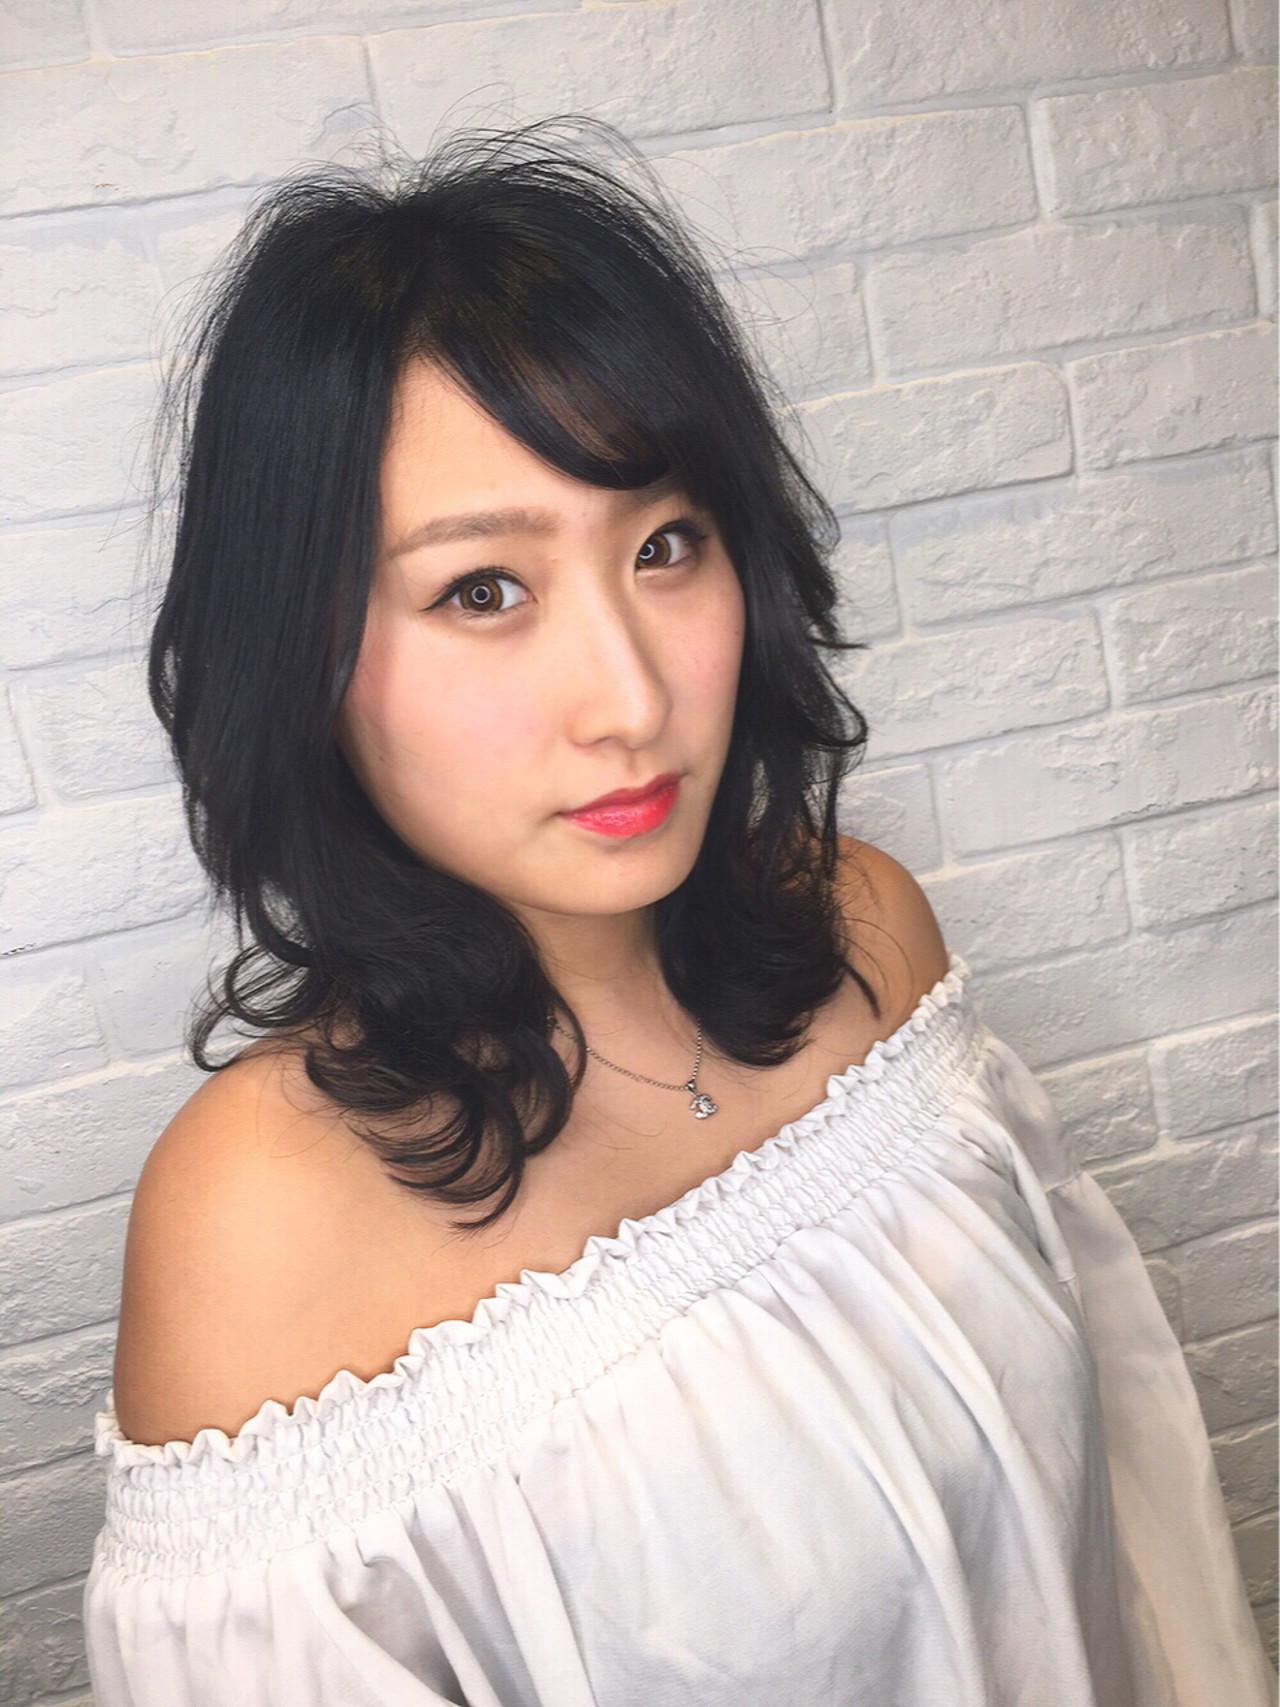 おすすめの前髪なしスタイル① 筒井 隆由 | shanghai